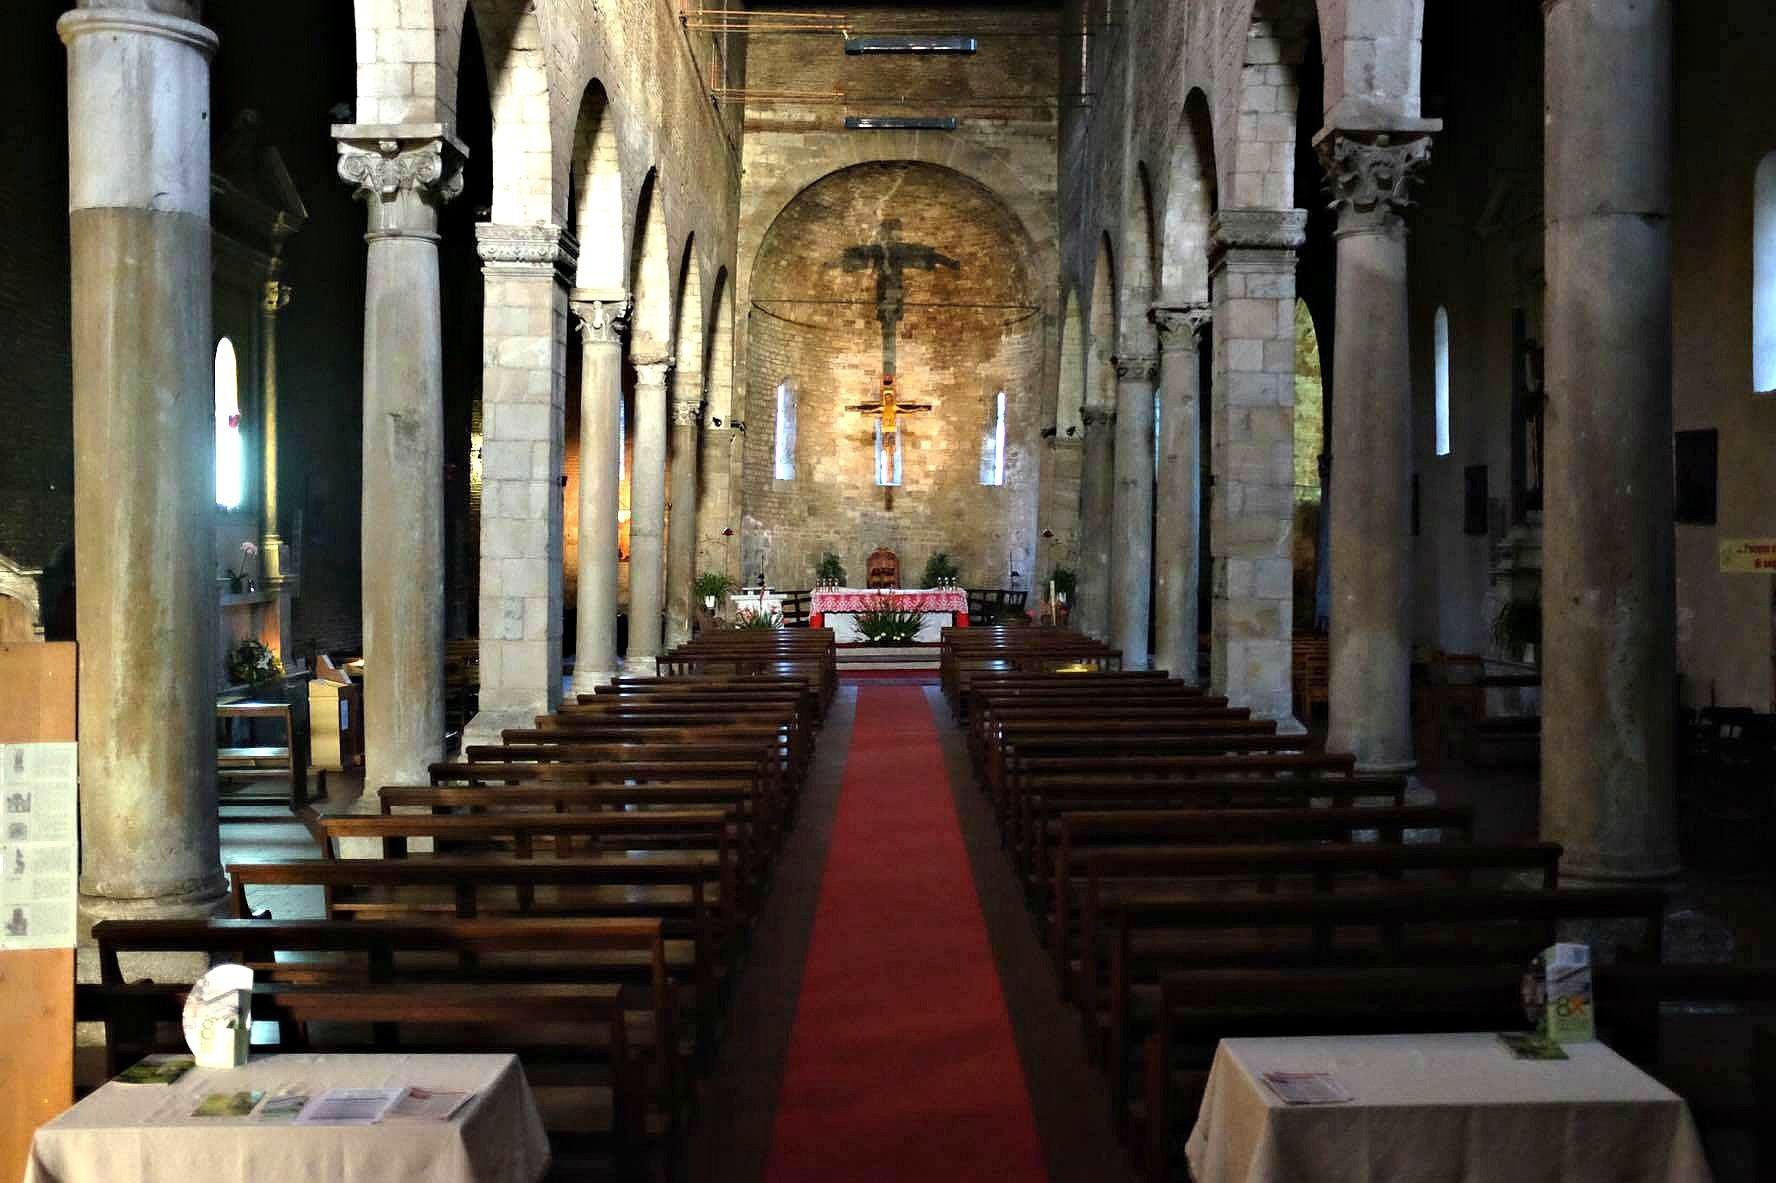 churches-beauty-970a0e21f20d0257688a1b29